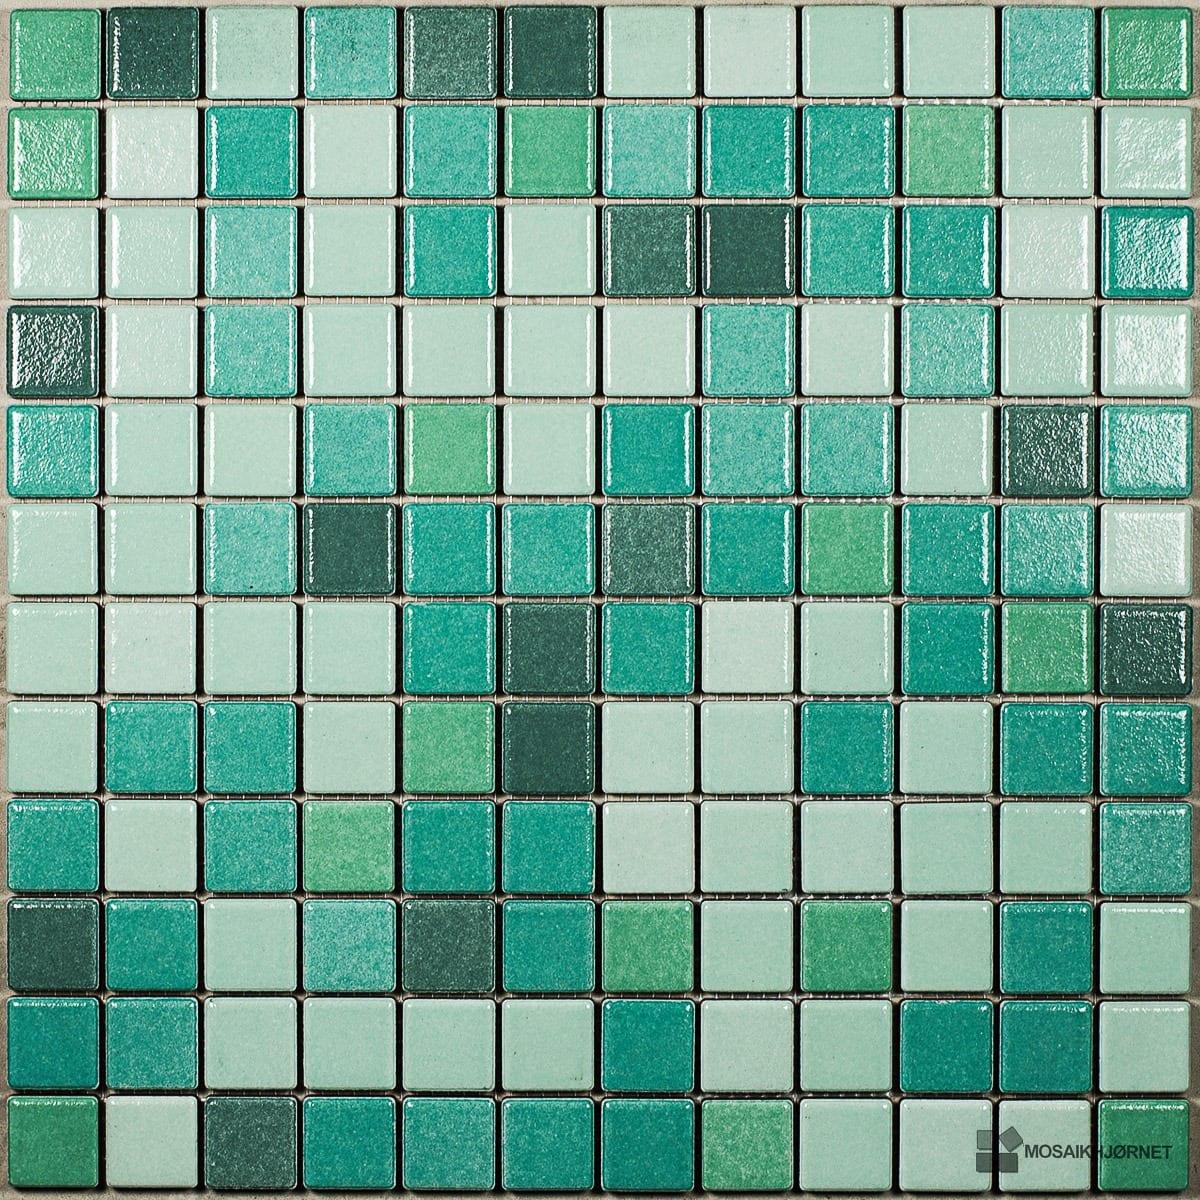 #2D8D7A Mest effektive Smaragd 2 5x2 5 Mosaikhjørnet Fliser Klinker Og Mosaik Til Badeværelse O  Fliser Til Bad Og Køkken 4805 120012004805